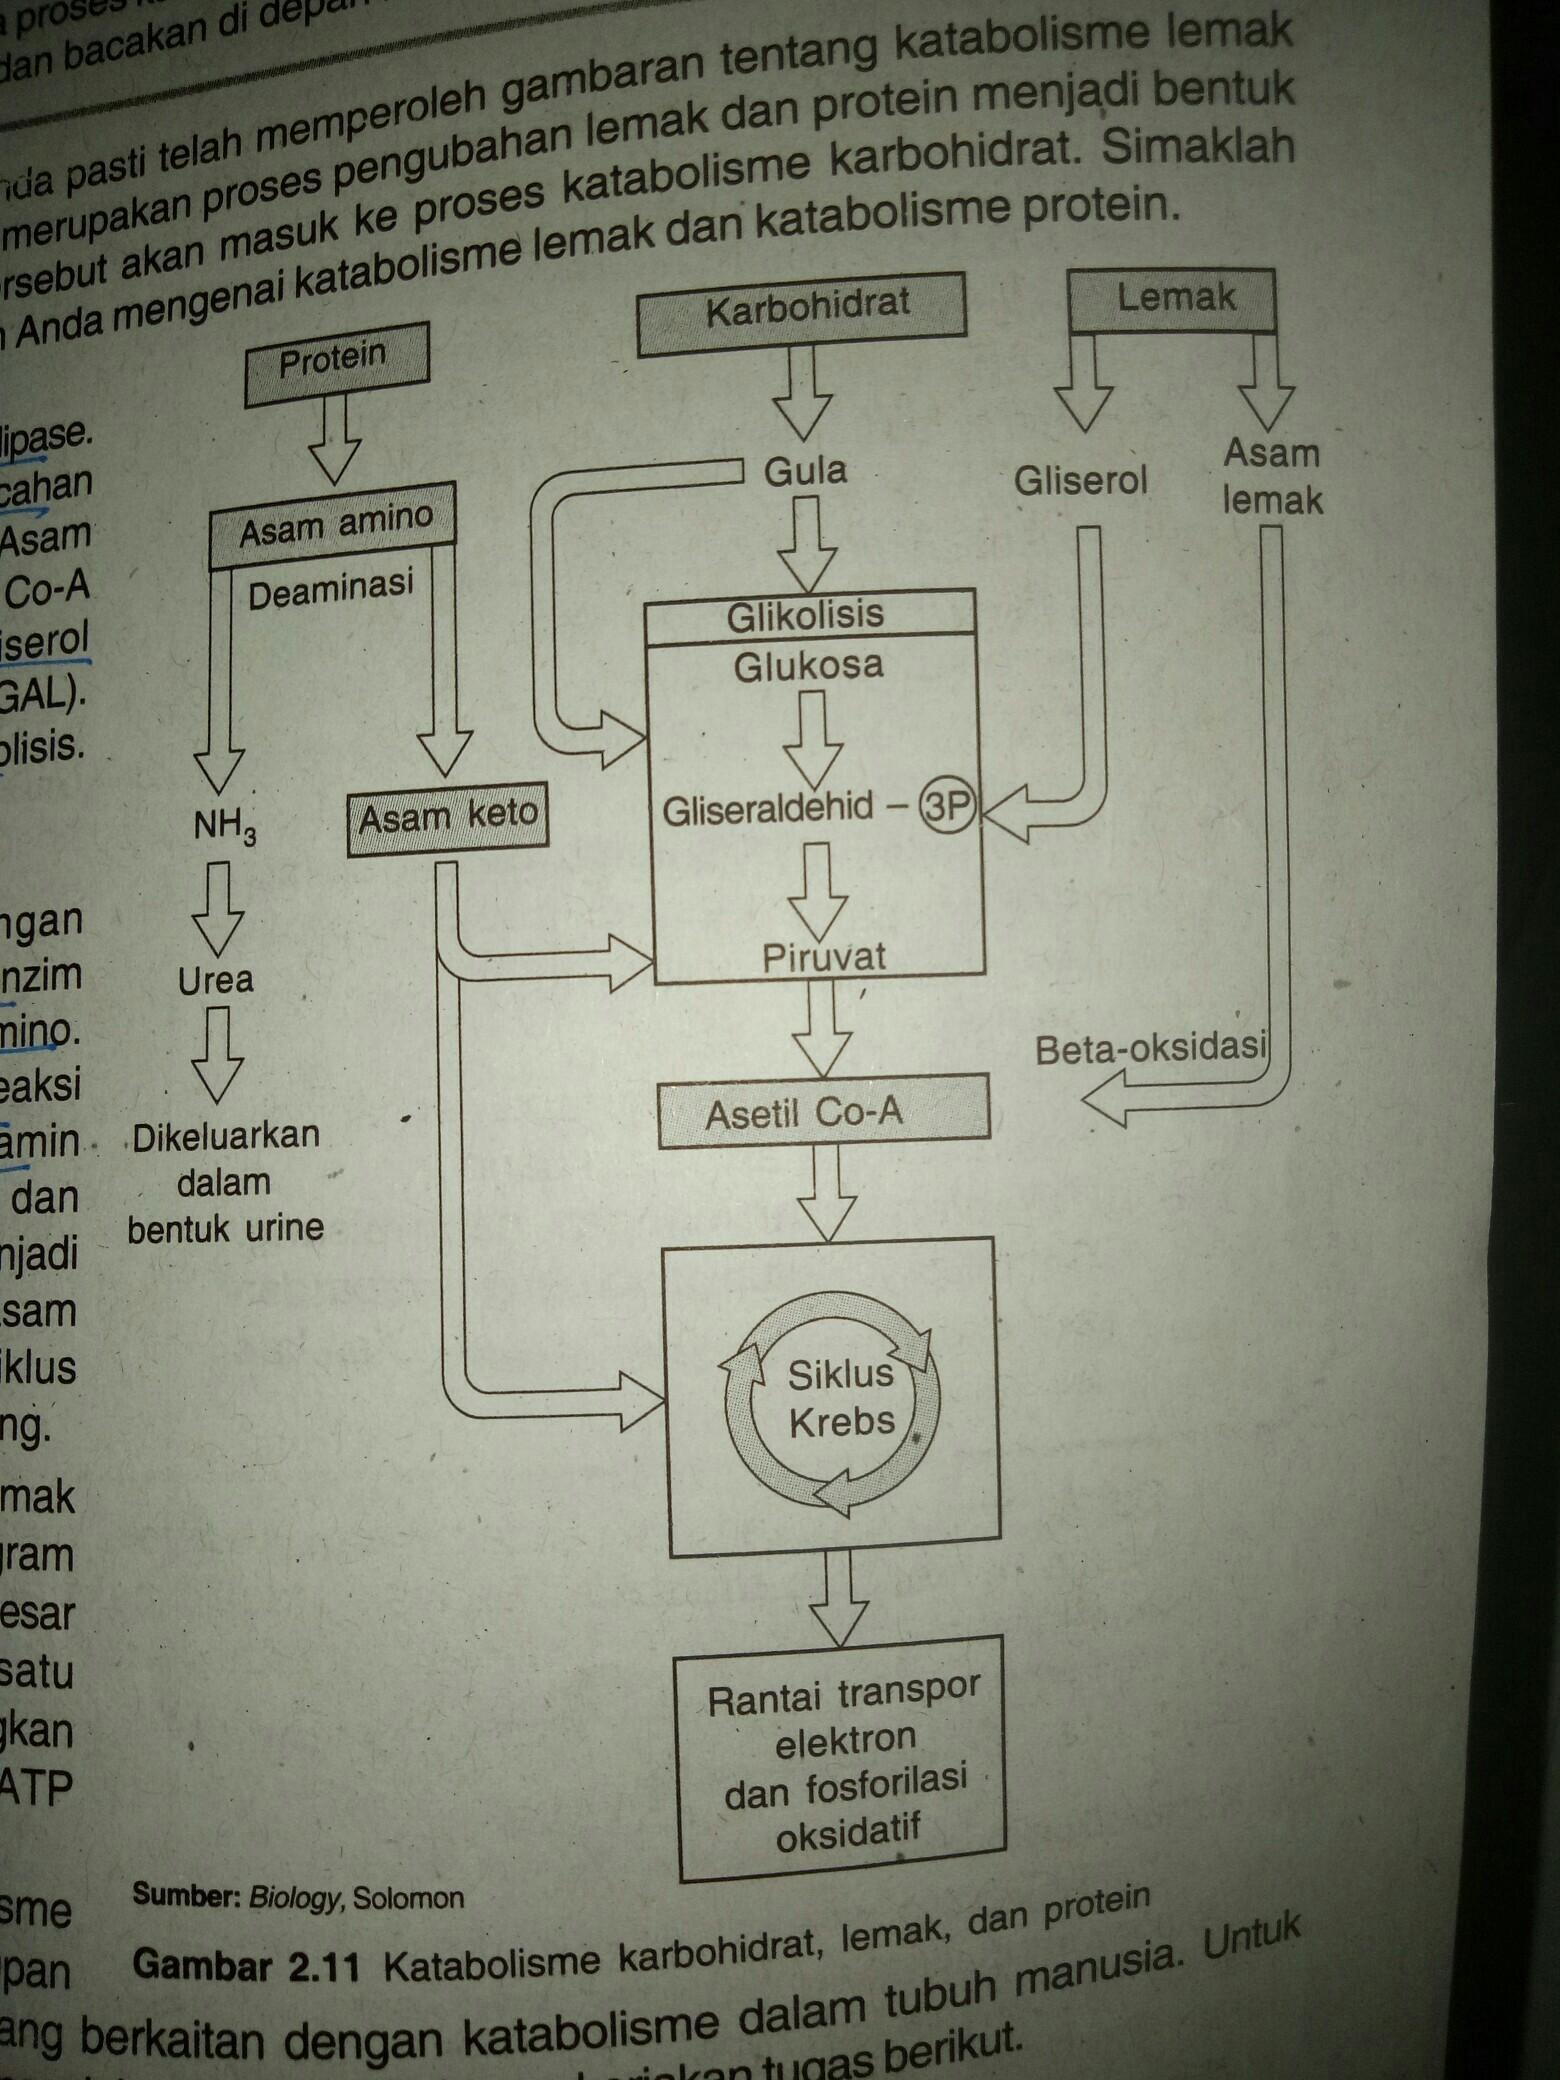 Keterkaitan Metabolisme Karbohidrat Lemak Dan Protein : keterkaitan, metabolisme, karbohidrat, lemak, protein, Jelaskan, Keterkaitan, Metabolisme, Karbohidrat,, Lemak, Protein, Secara, Singkat, Jelas, Brainly.co.id